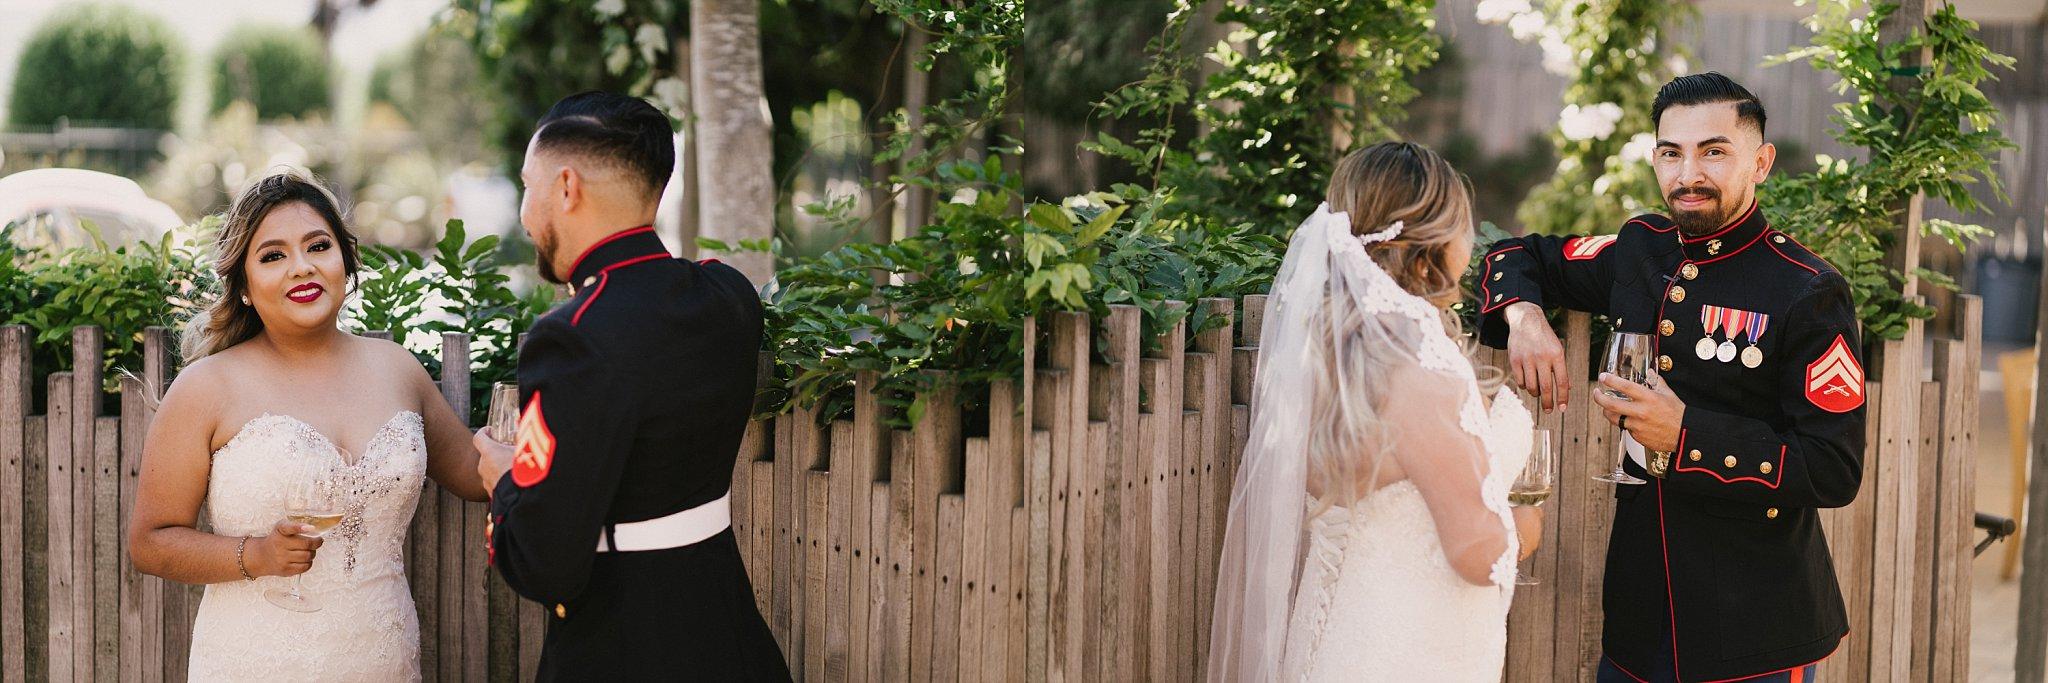 monterey-wedding-photographer-drew-zavala-john-yanderi-312.jpg